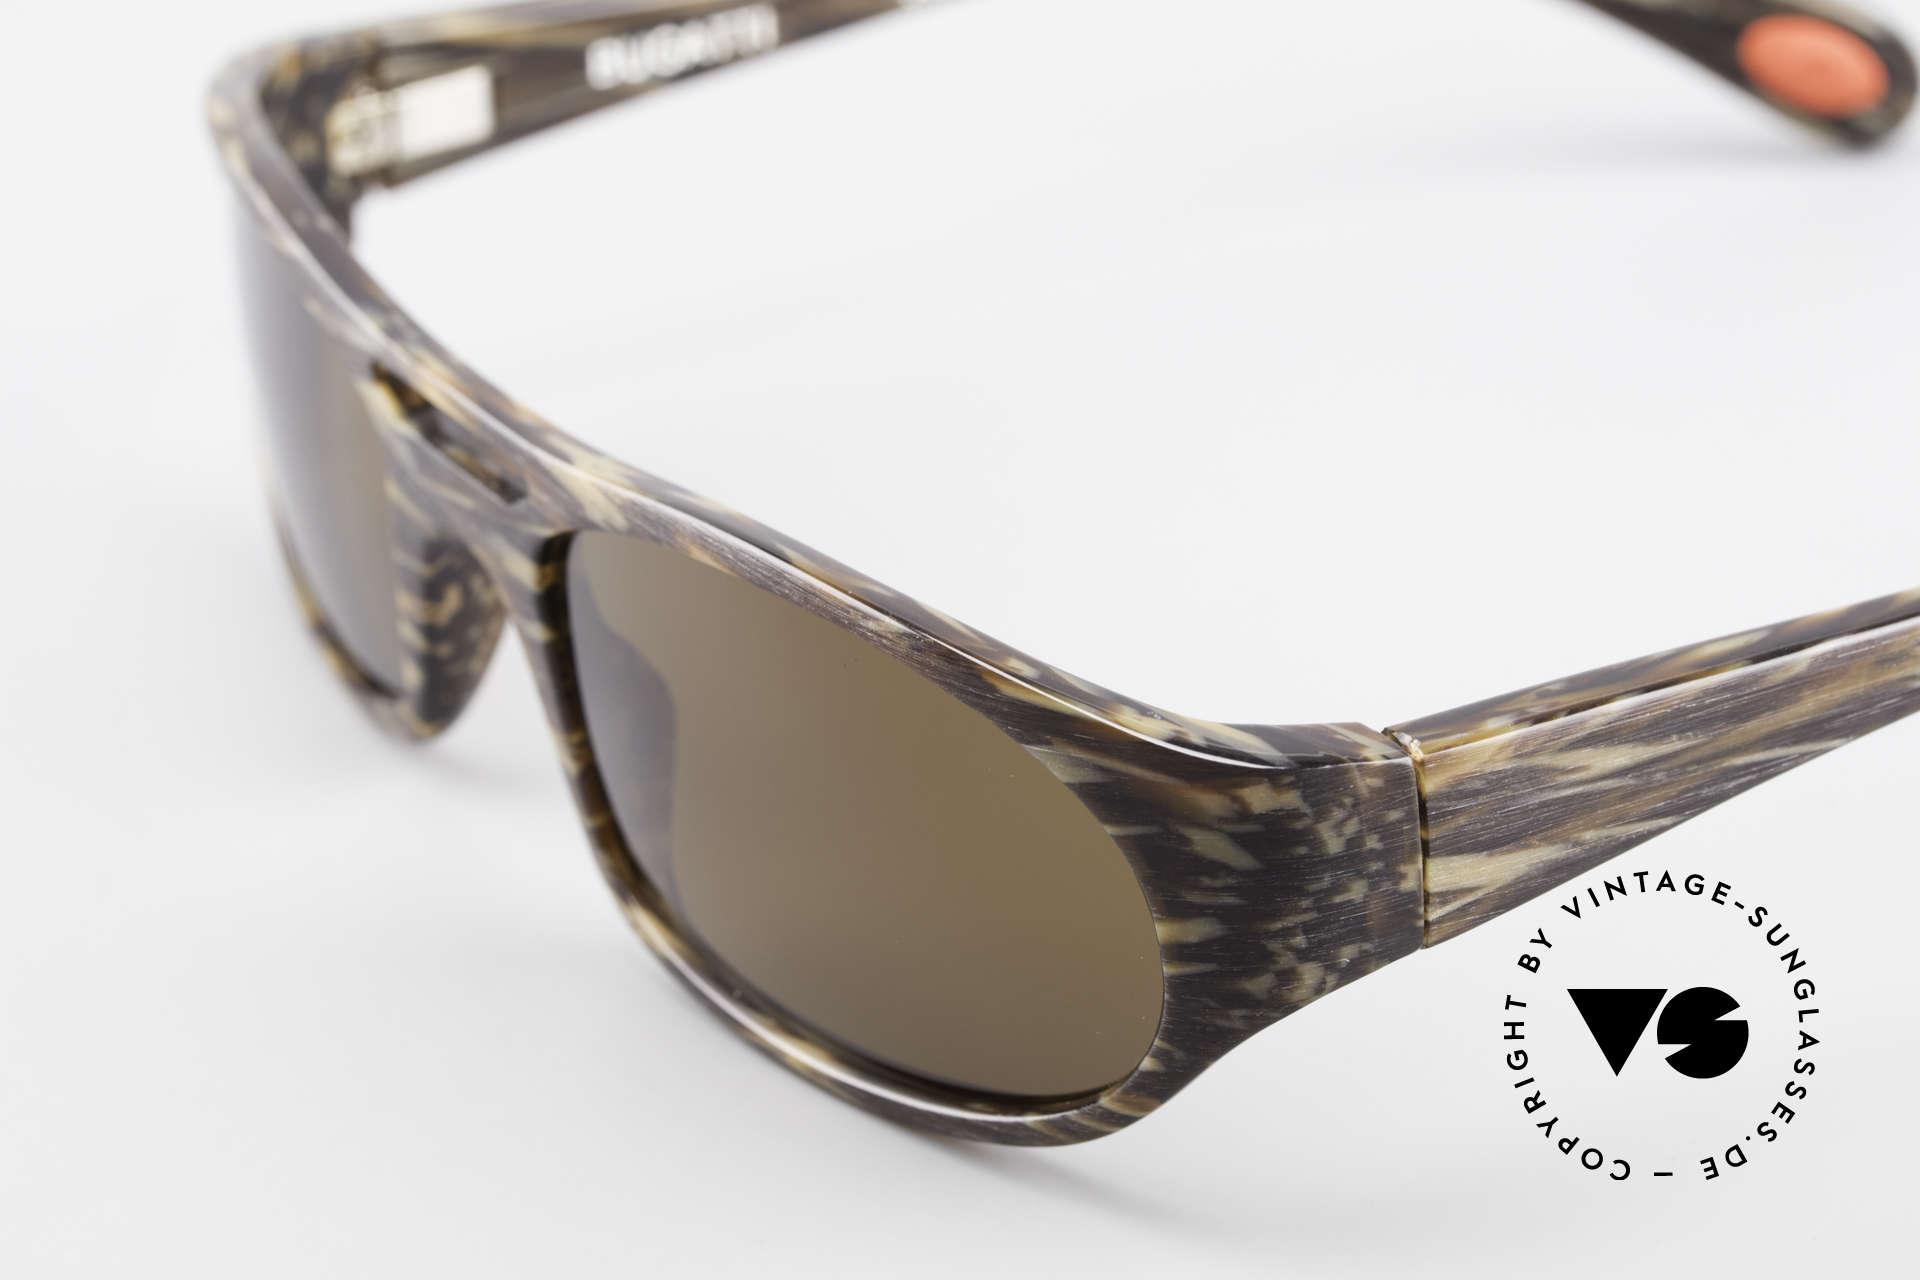 Bugatti 220 Designer Luxus Sonnenbrille, ungetragenes Exemplar inkl. original Verpackung, Passend für Herren